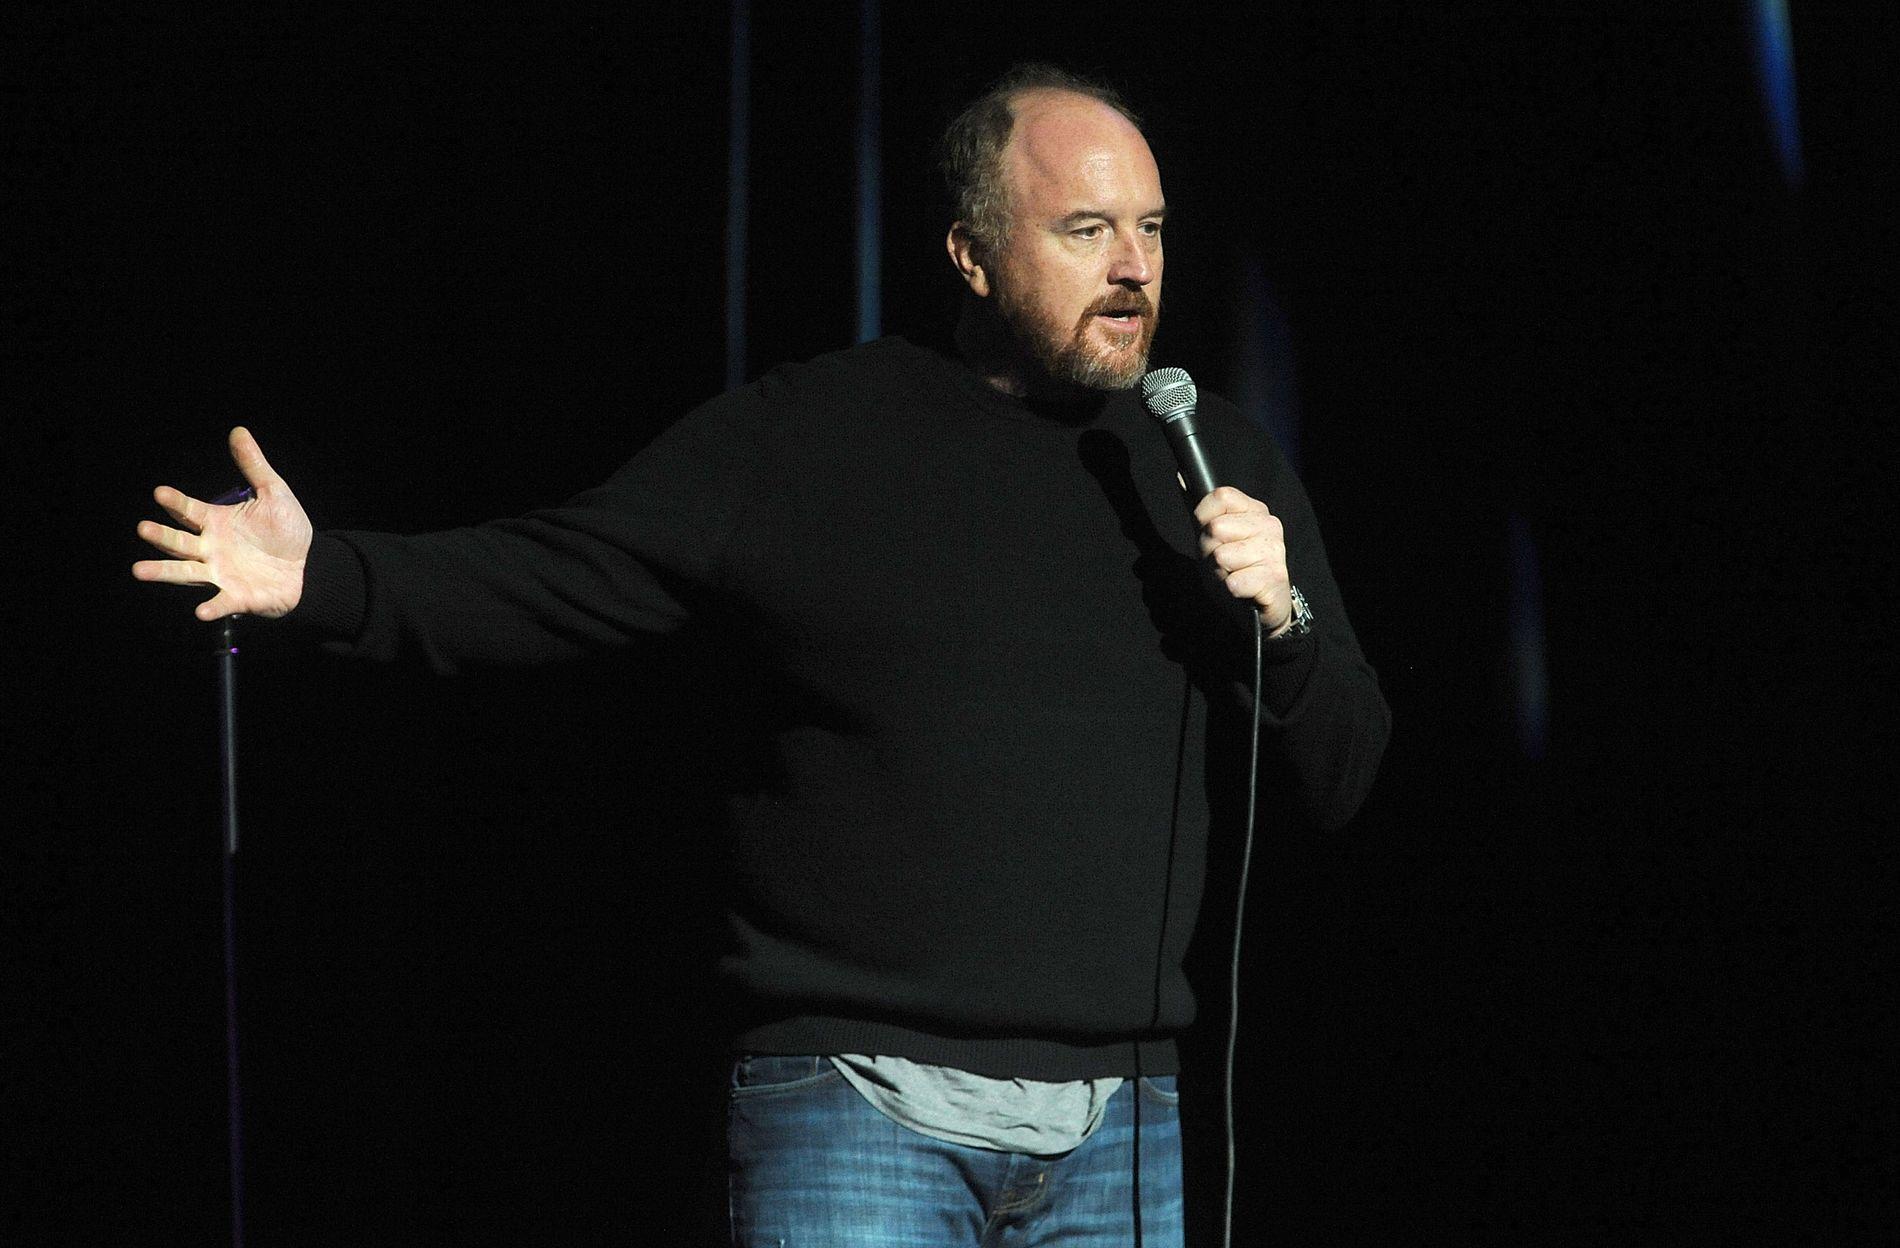 KONTROVERSIELL: Den kontroversielle og mye omtalte komikeren Louis C.K. står på scenen på Ricks i Bergen i påskehelgen.